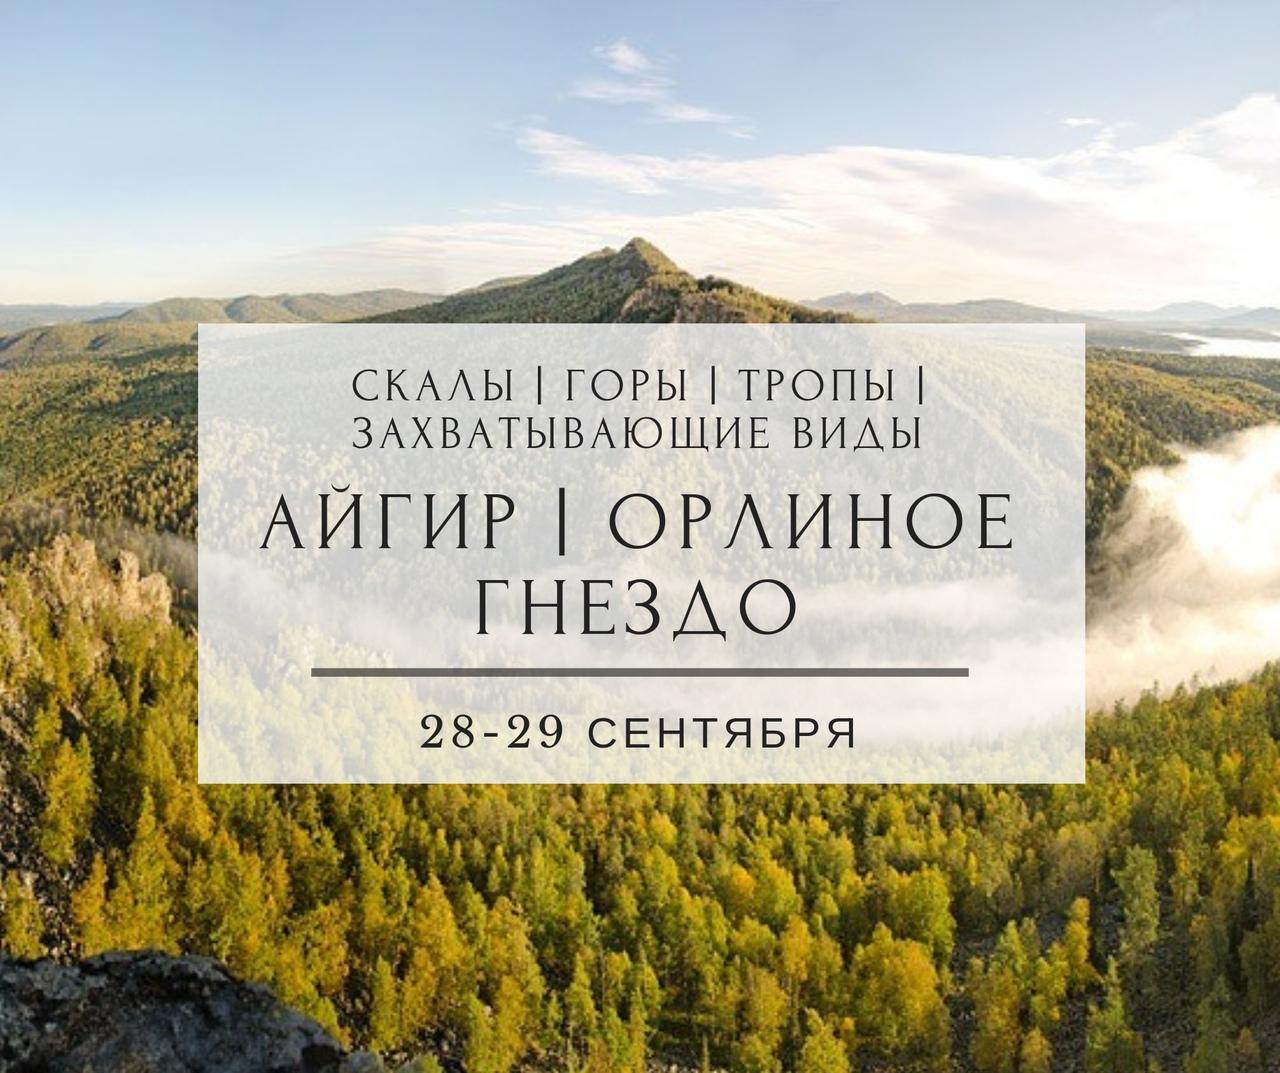 Афиша Тюмень АЙГИР / ОРЛИНОЕ ГНЕЗДО / 28-29 СЕНТЯБРЯ